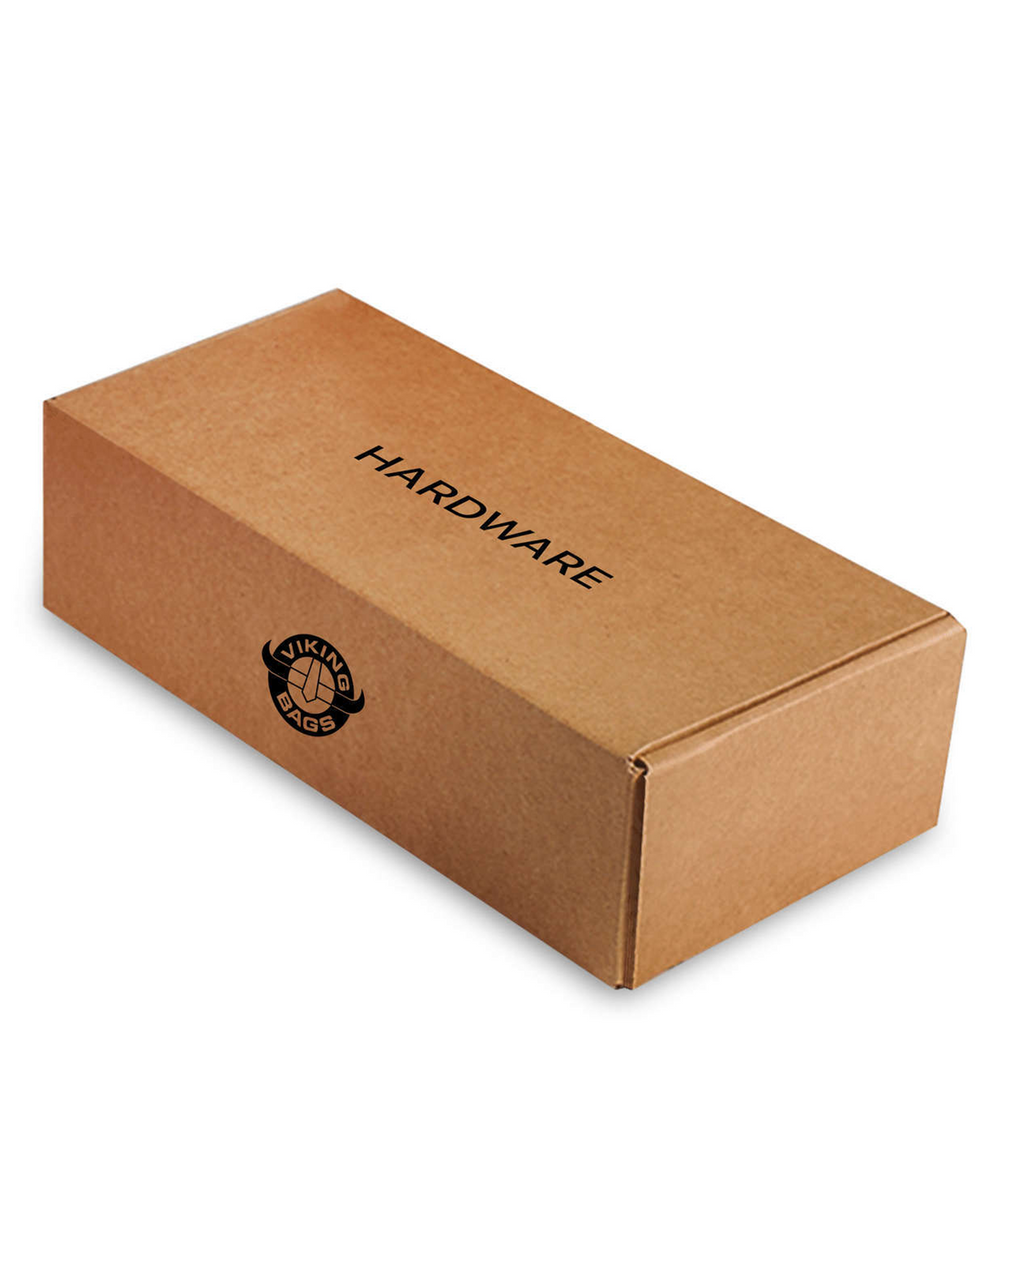 Triumph Thunderbird Side Pocket Large Motorcycle Saddlebags Box